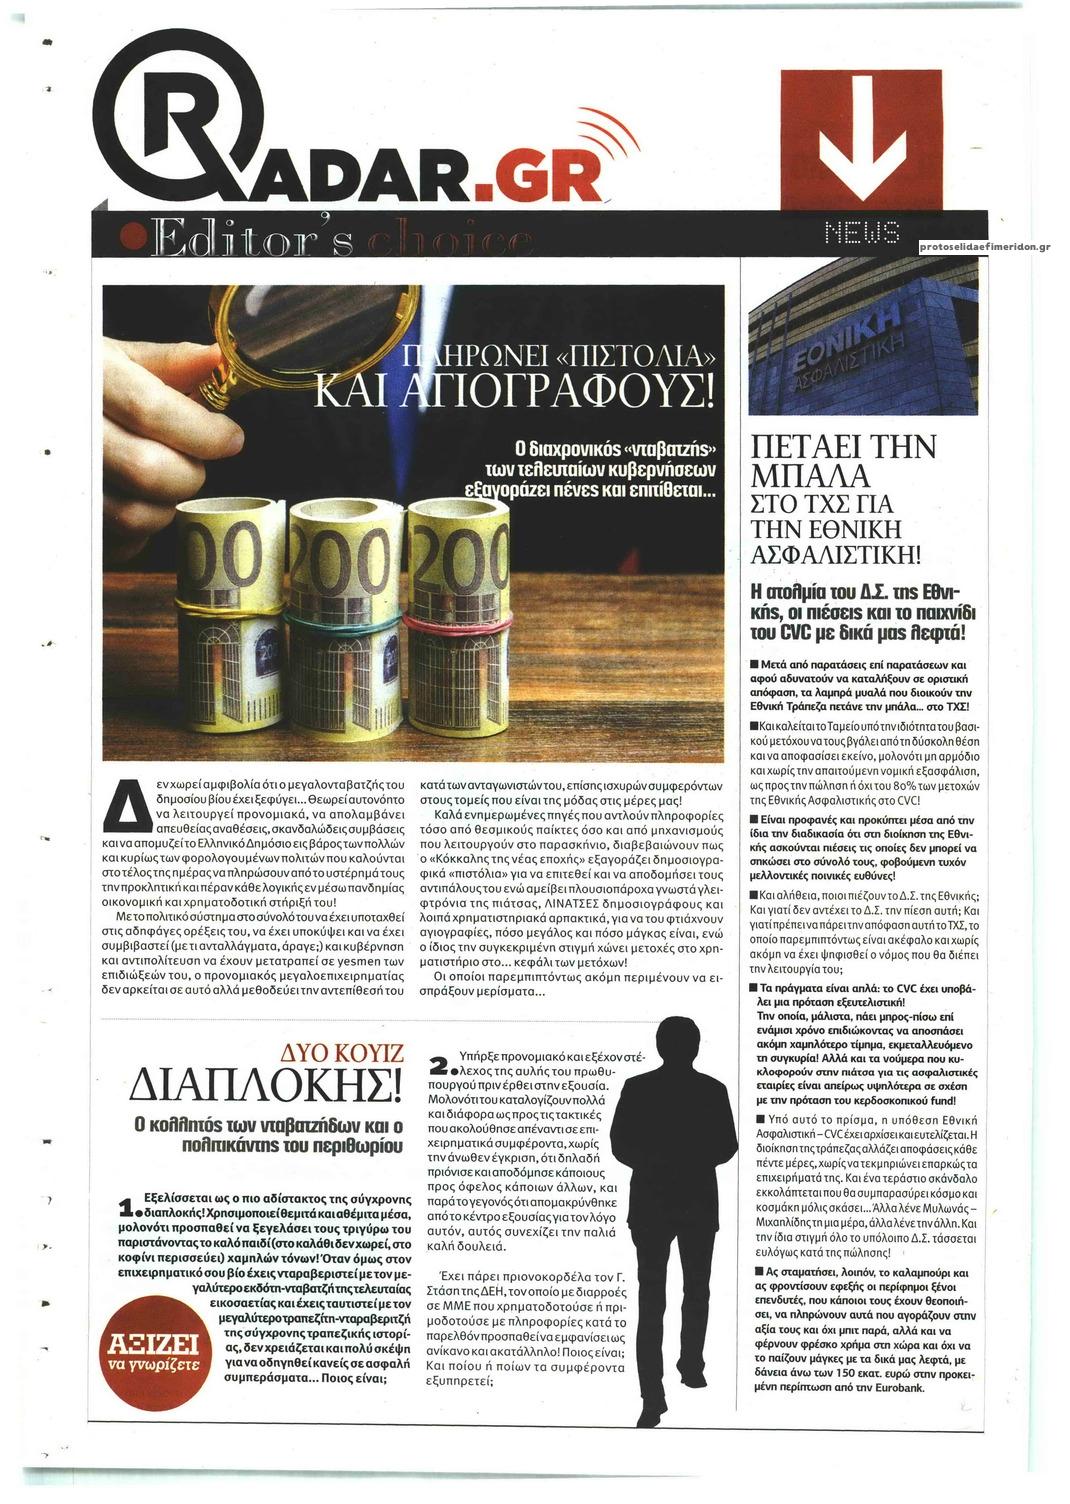 Οπισθόφυλλο εφημερίδας Αξία